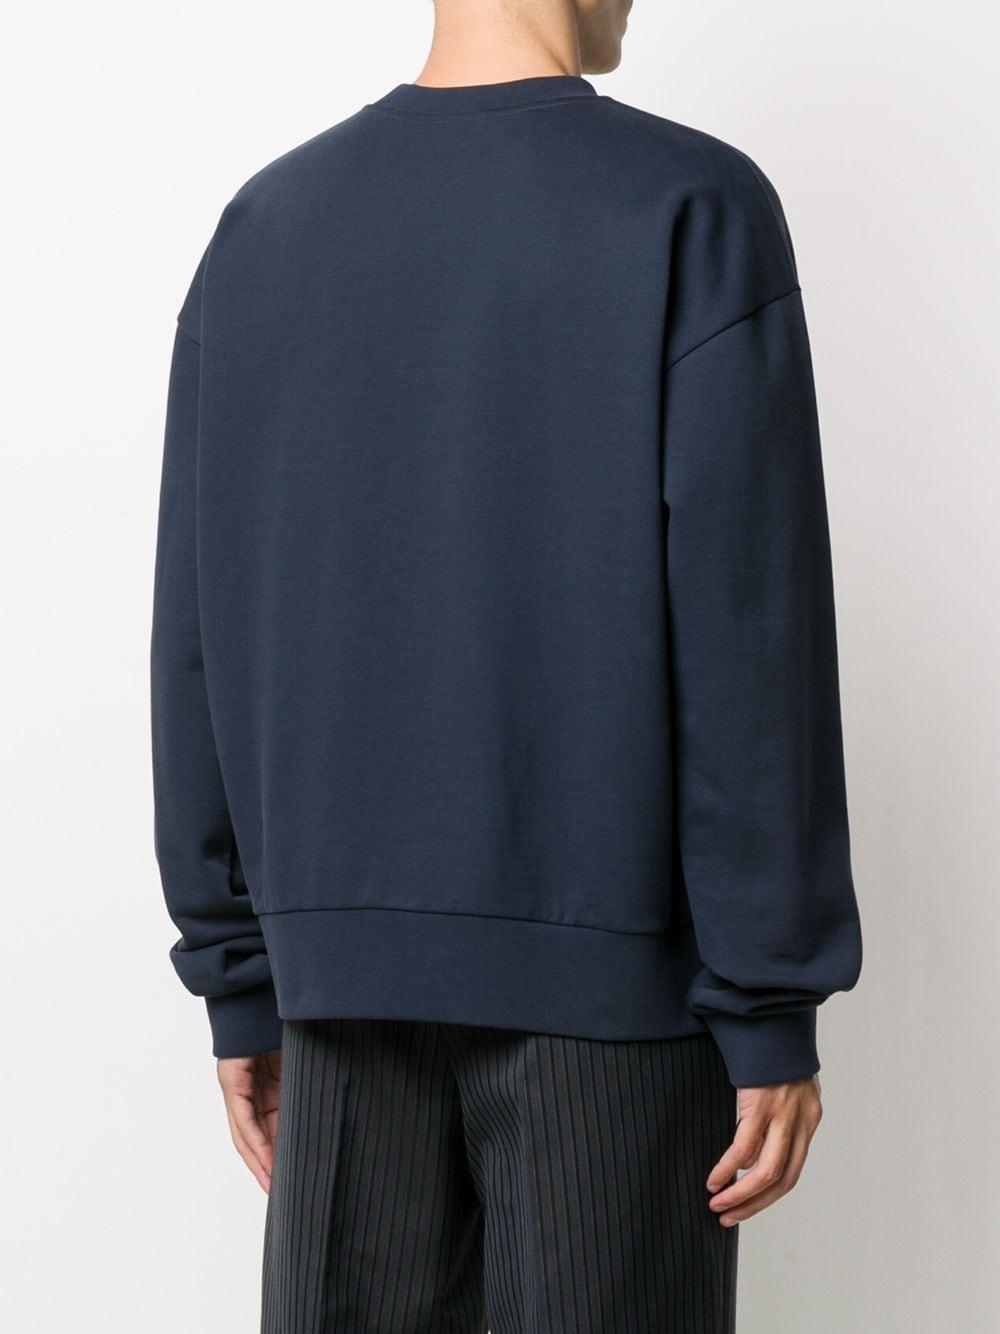 PRINT SWEATSHIRT MARNI | Sweatshirts | FUMU0074P0 S2549500B99